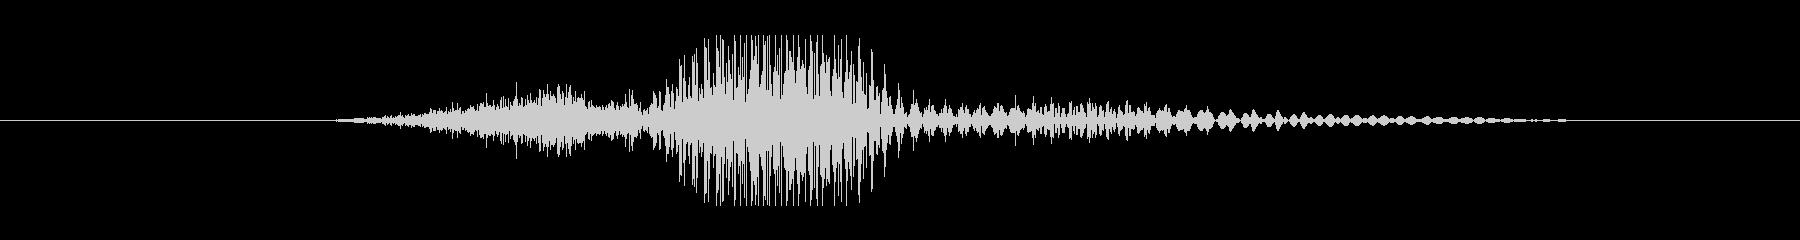 1(アメリカ人) SEVEN・7!/低音の未再生の波形